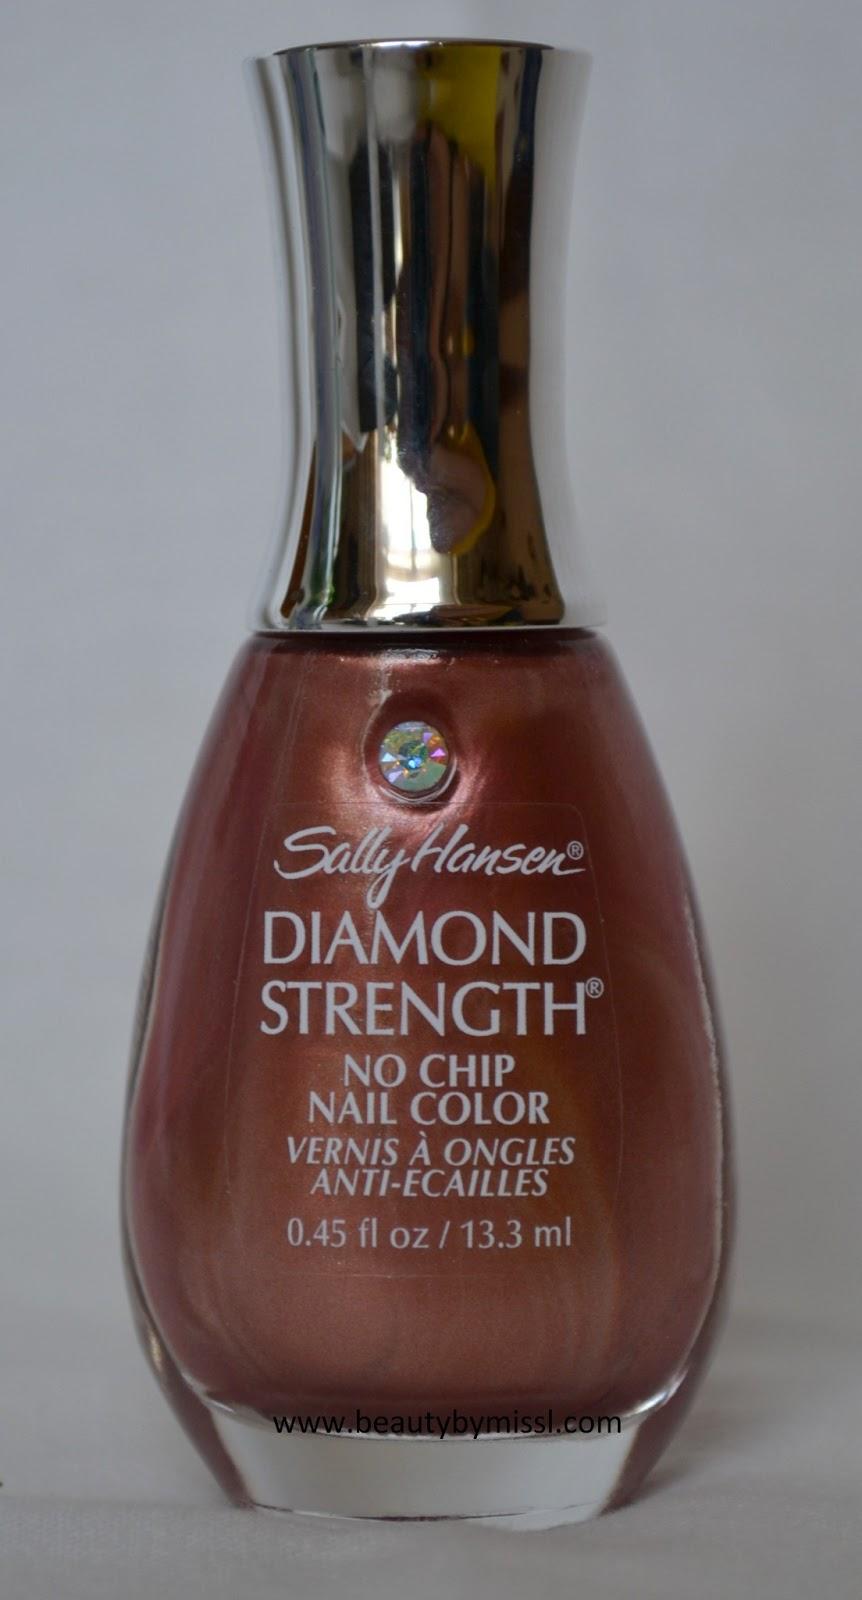 Diamond Strength nail polish